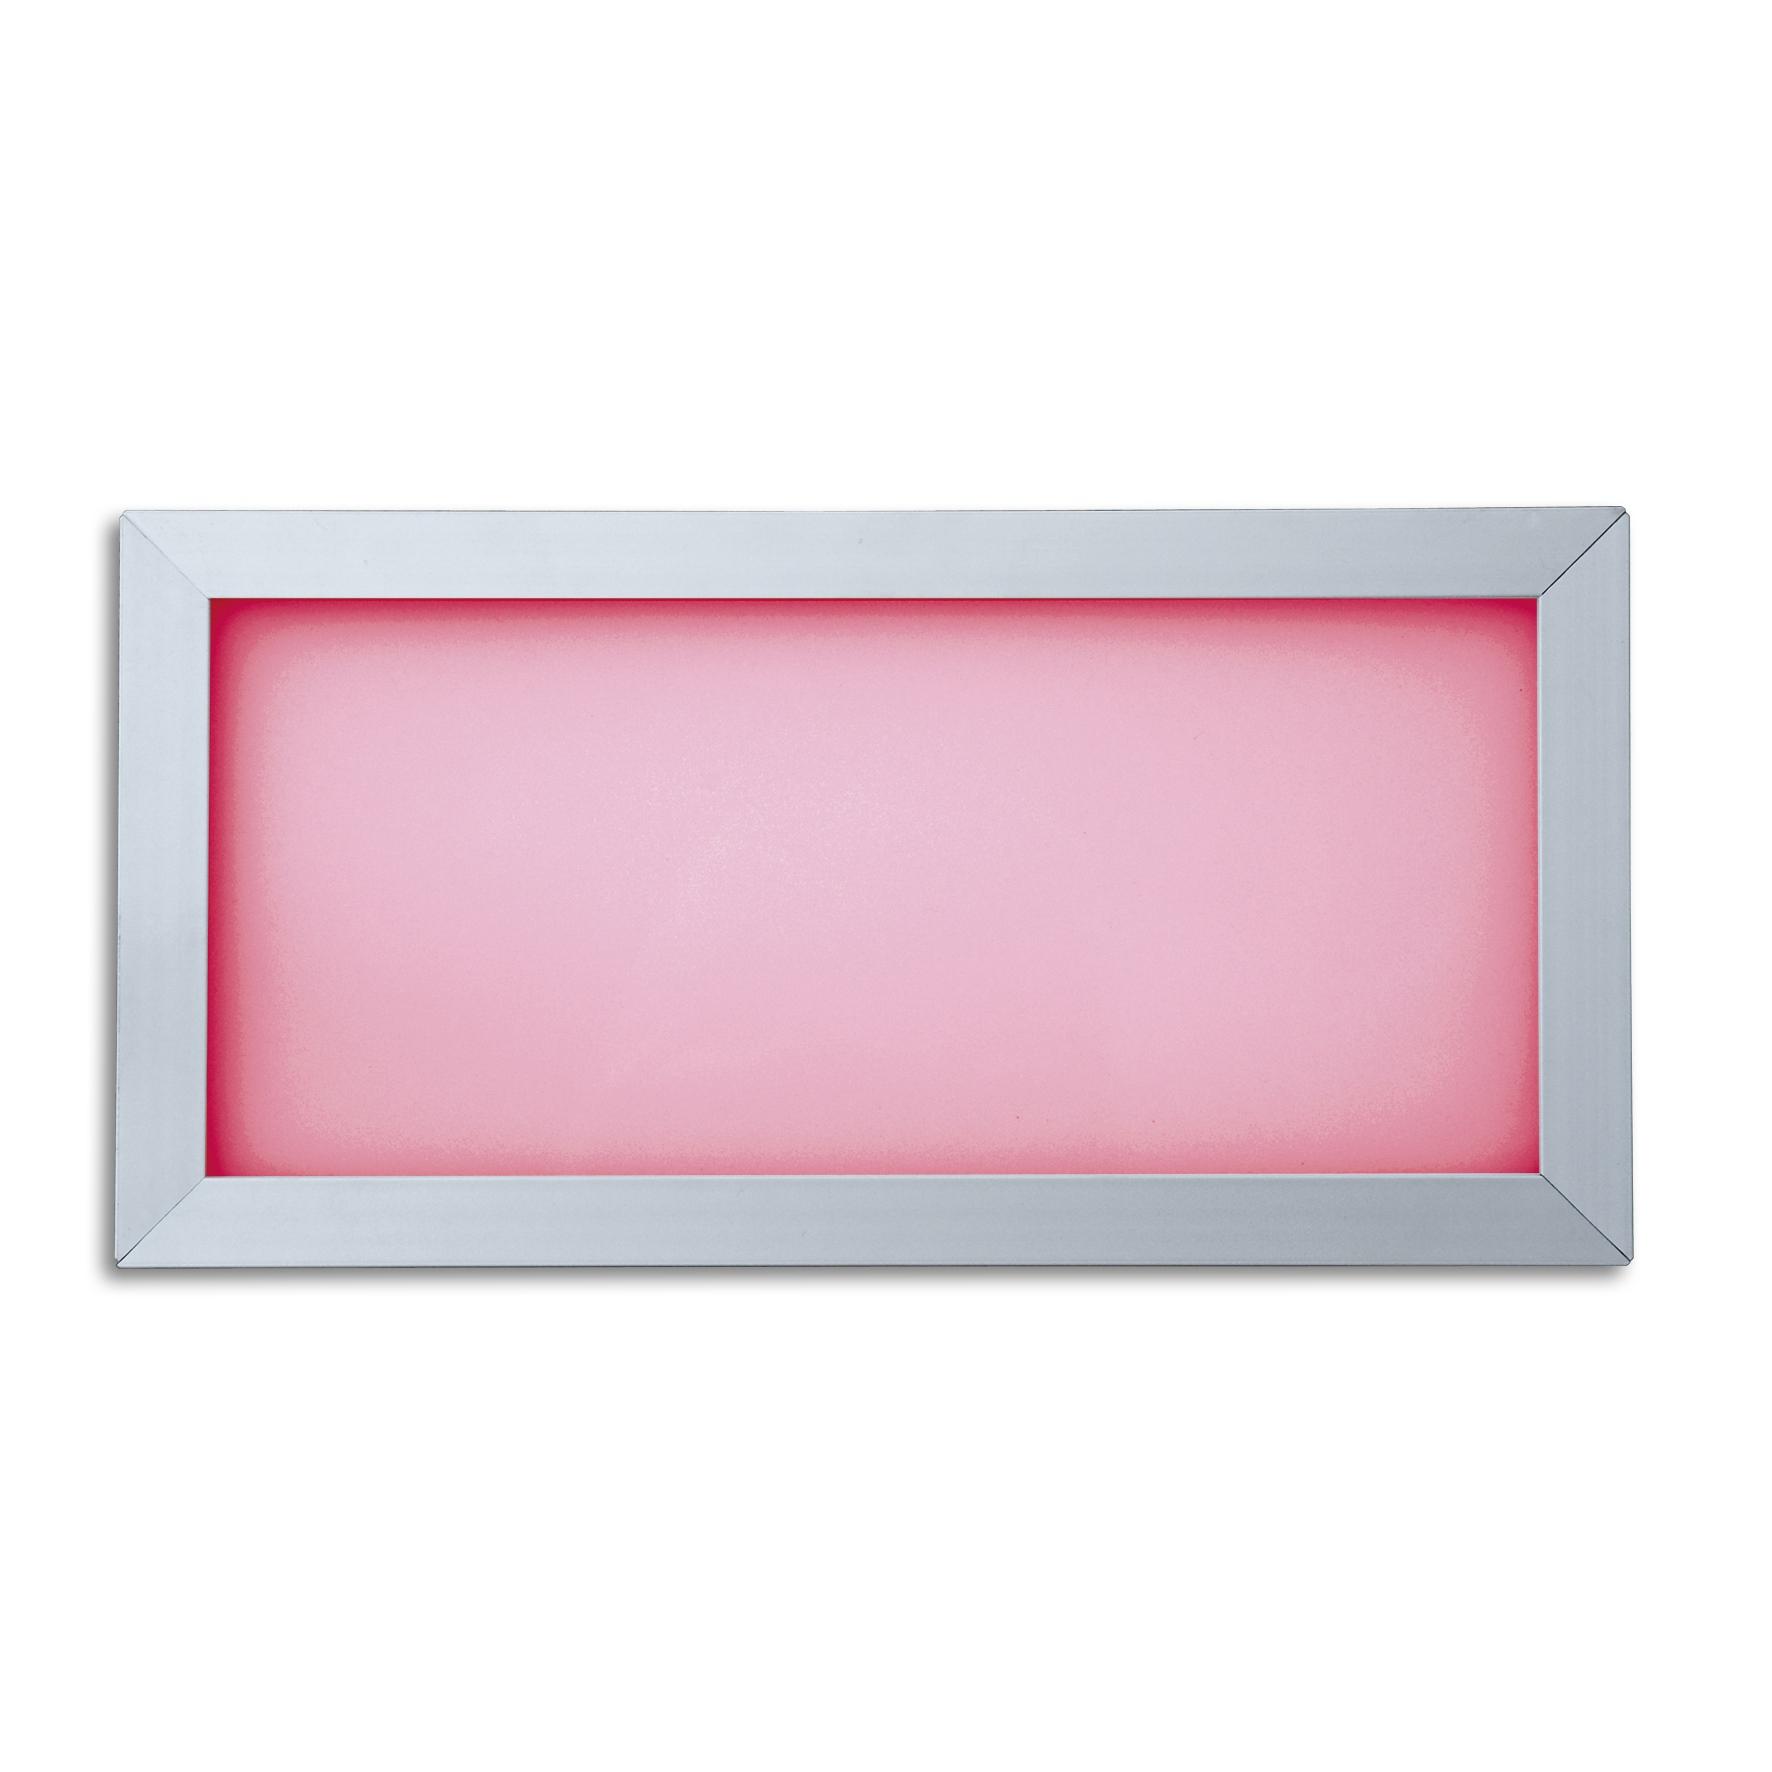 Lampenlux LED RGB Panelo Einbaupanel Haiko silber 18W 30x15cm